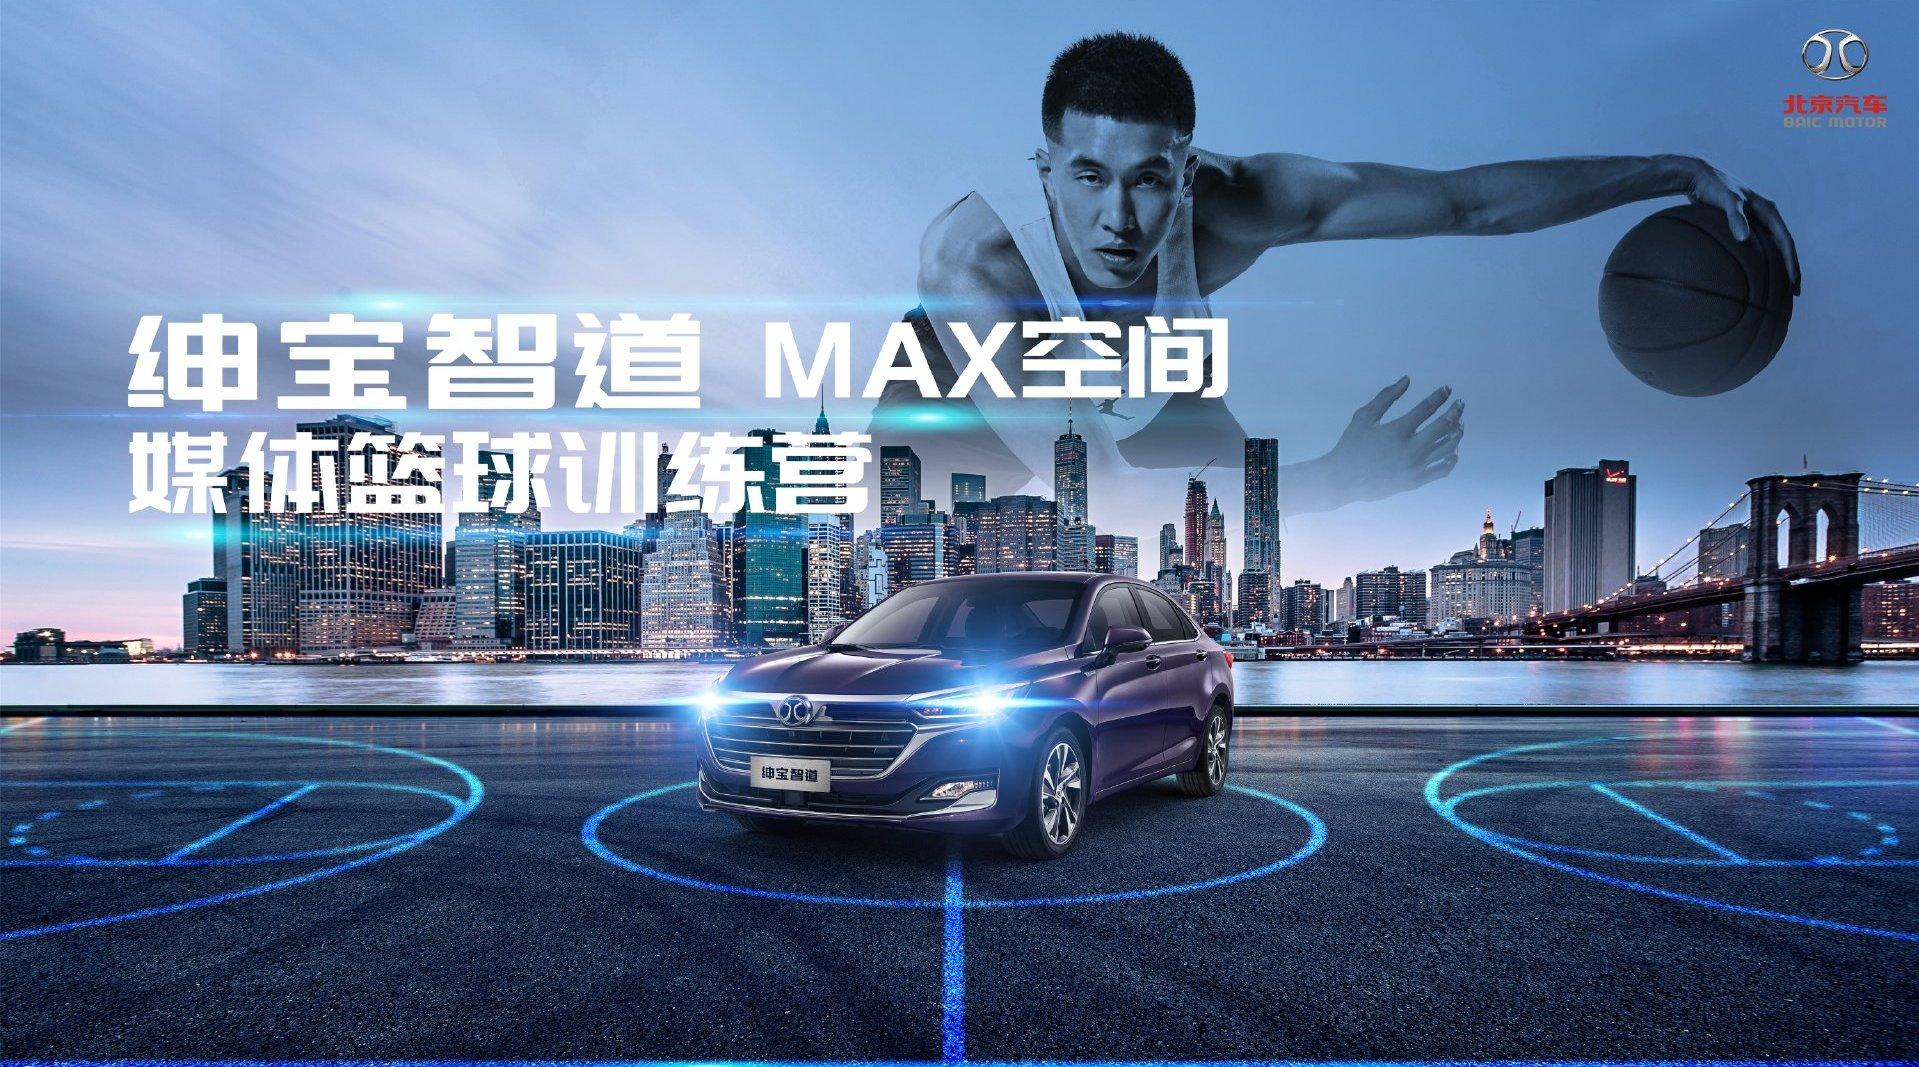 视频:汽车 篮球 跨界 绅宝智道携手郭艾伦 解读绅宝智道MAX空间哲学